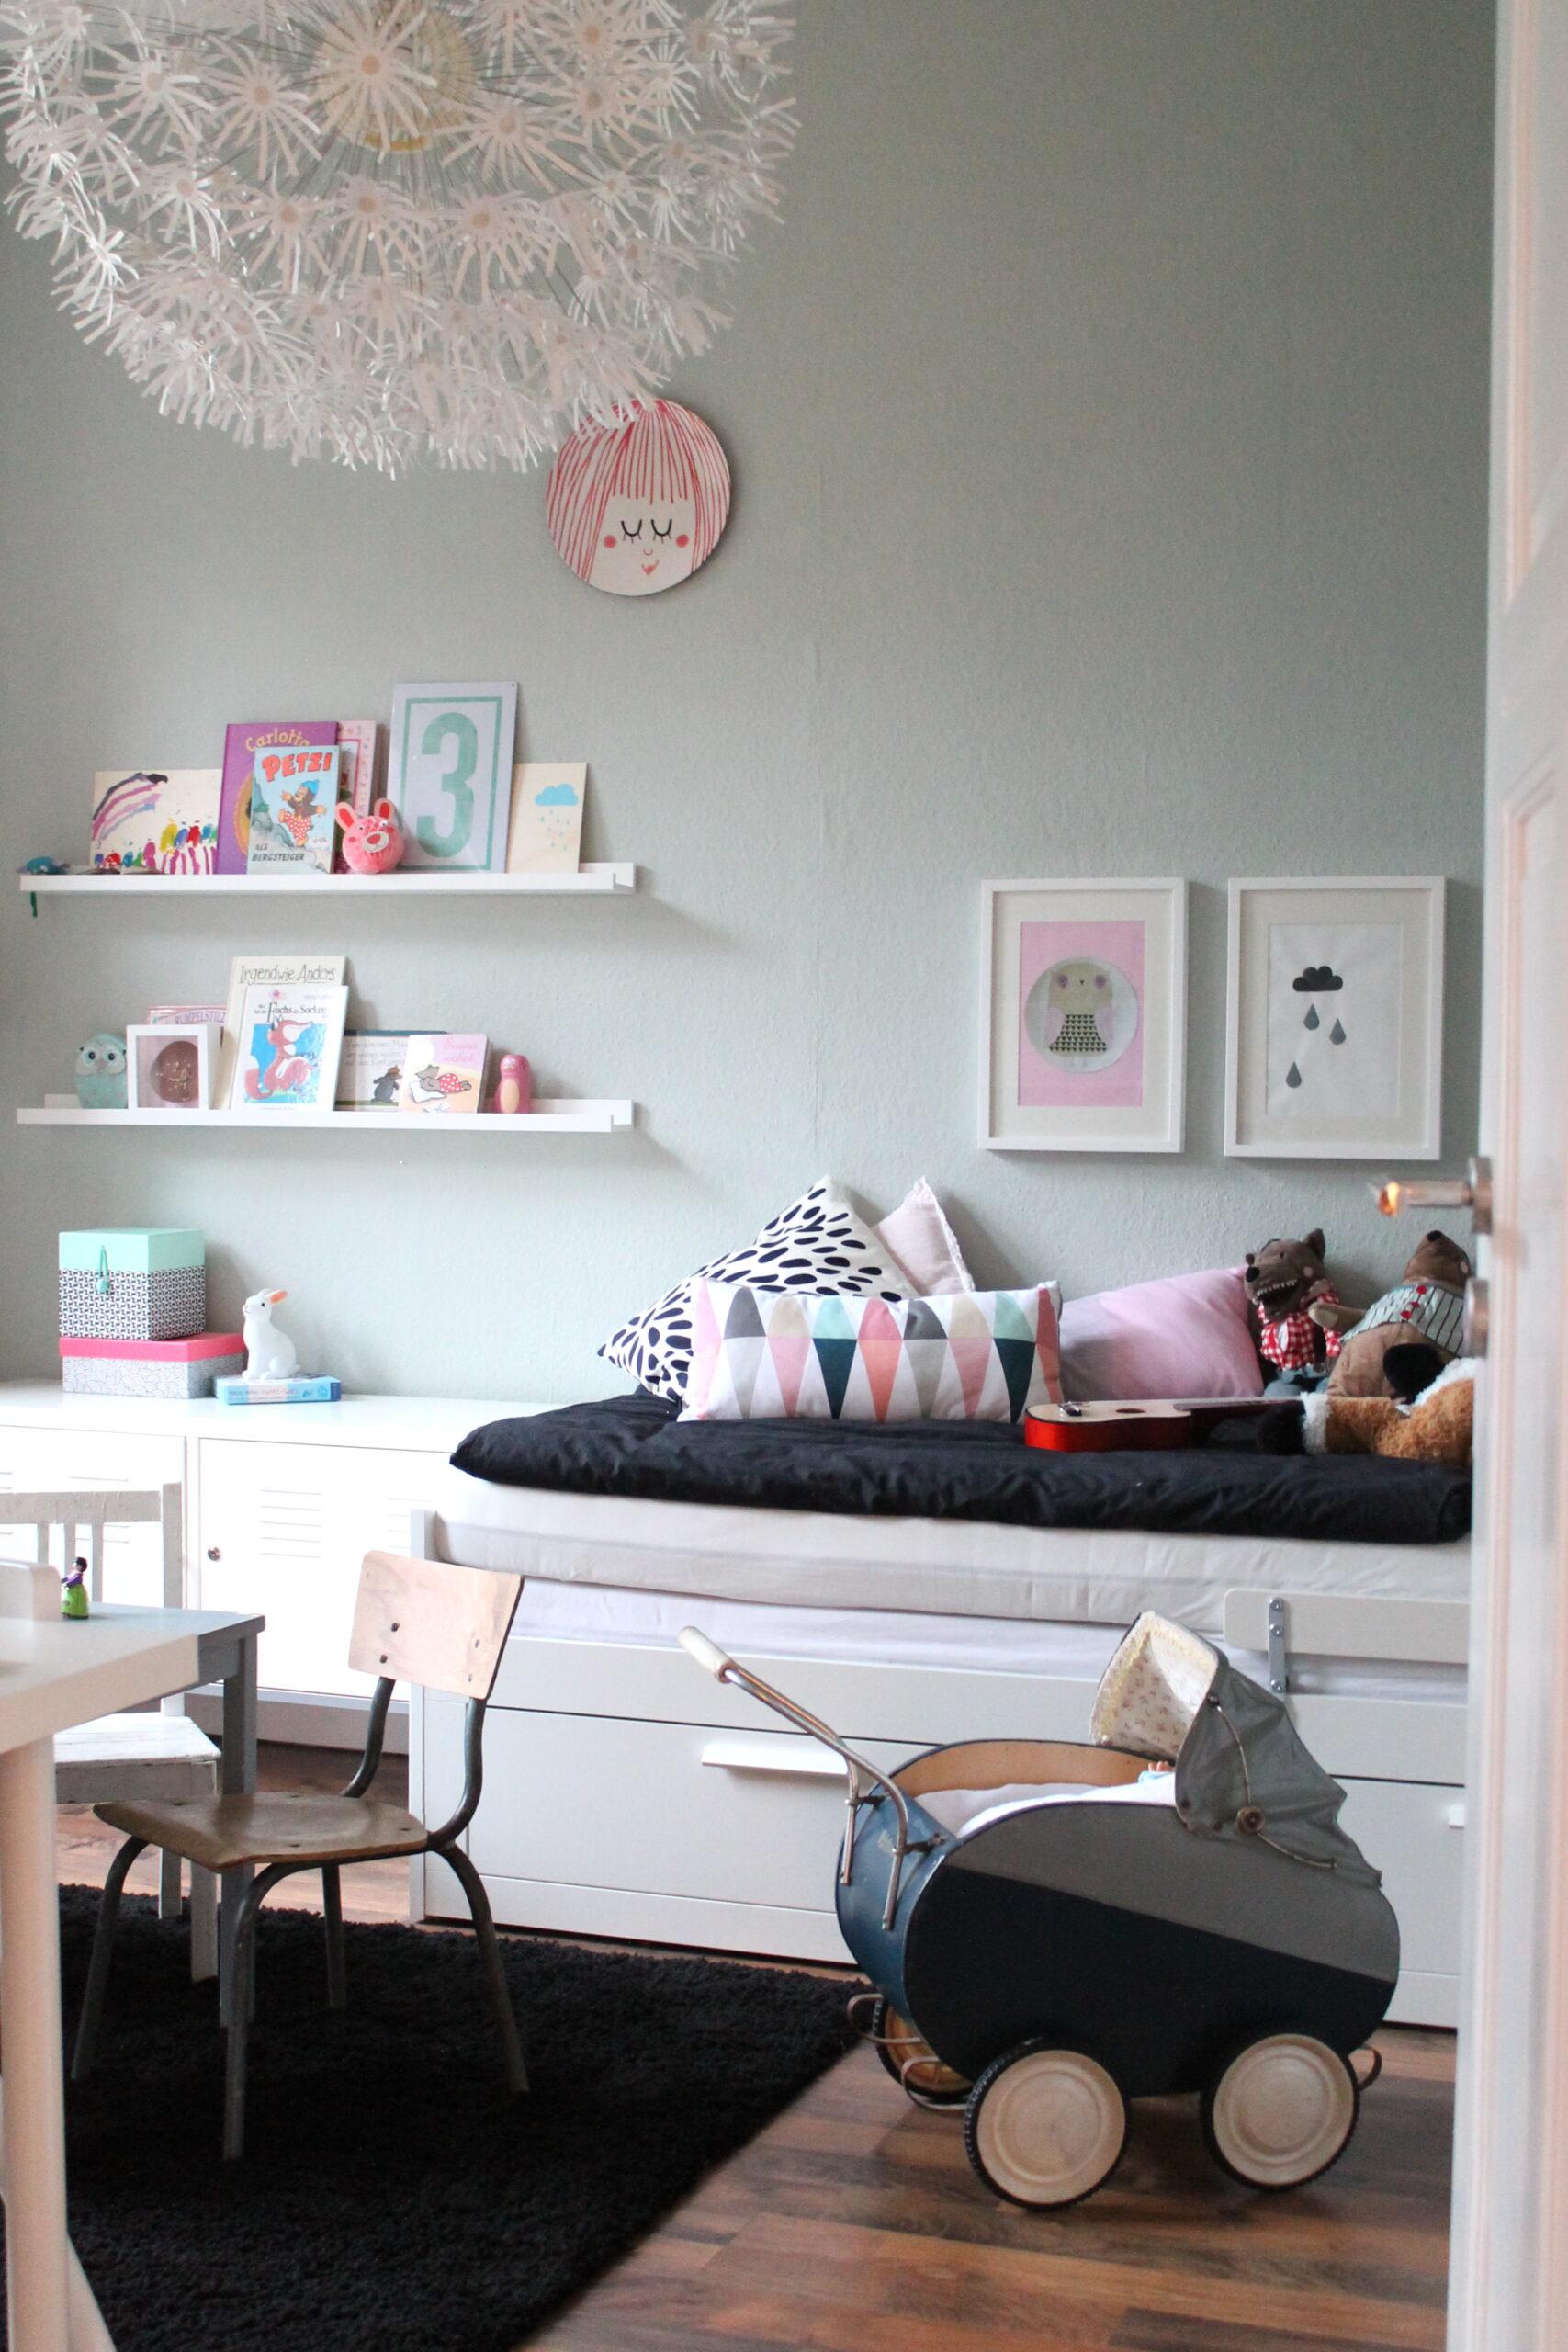 Full Size of Kinderzimmer Einrichten Junge Schnsten Ideen Fr Dein Regal Kleine Küche Weiß Sofa Badezimmer Regale Kinderzimmer Kinderzimmer Einrichten Junge